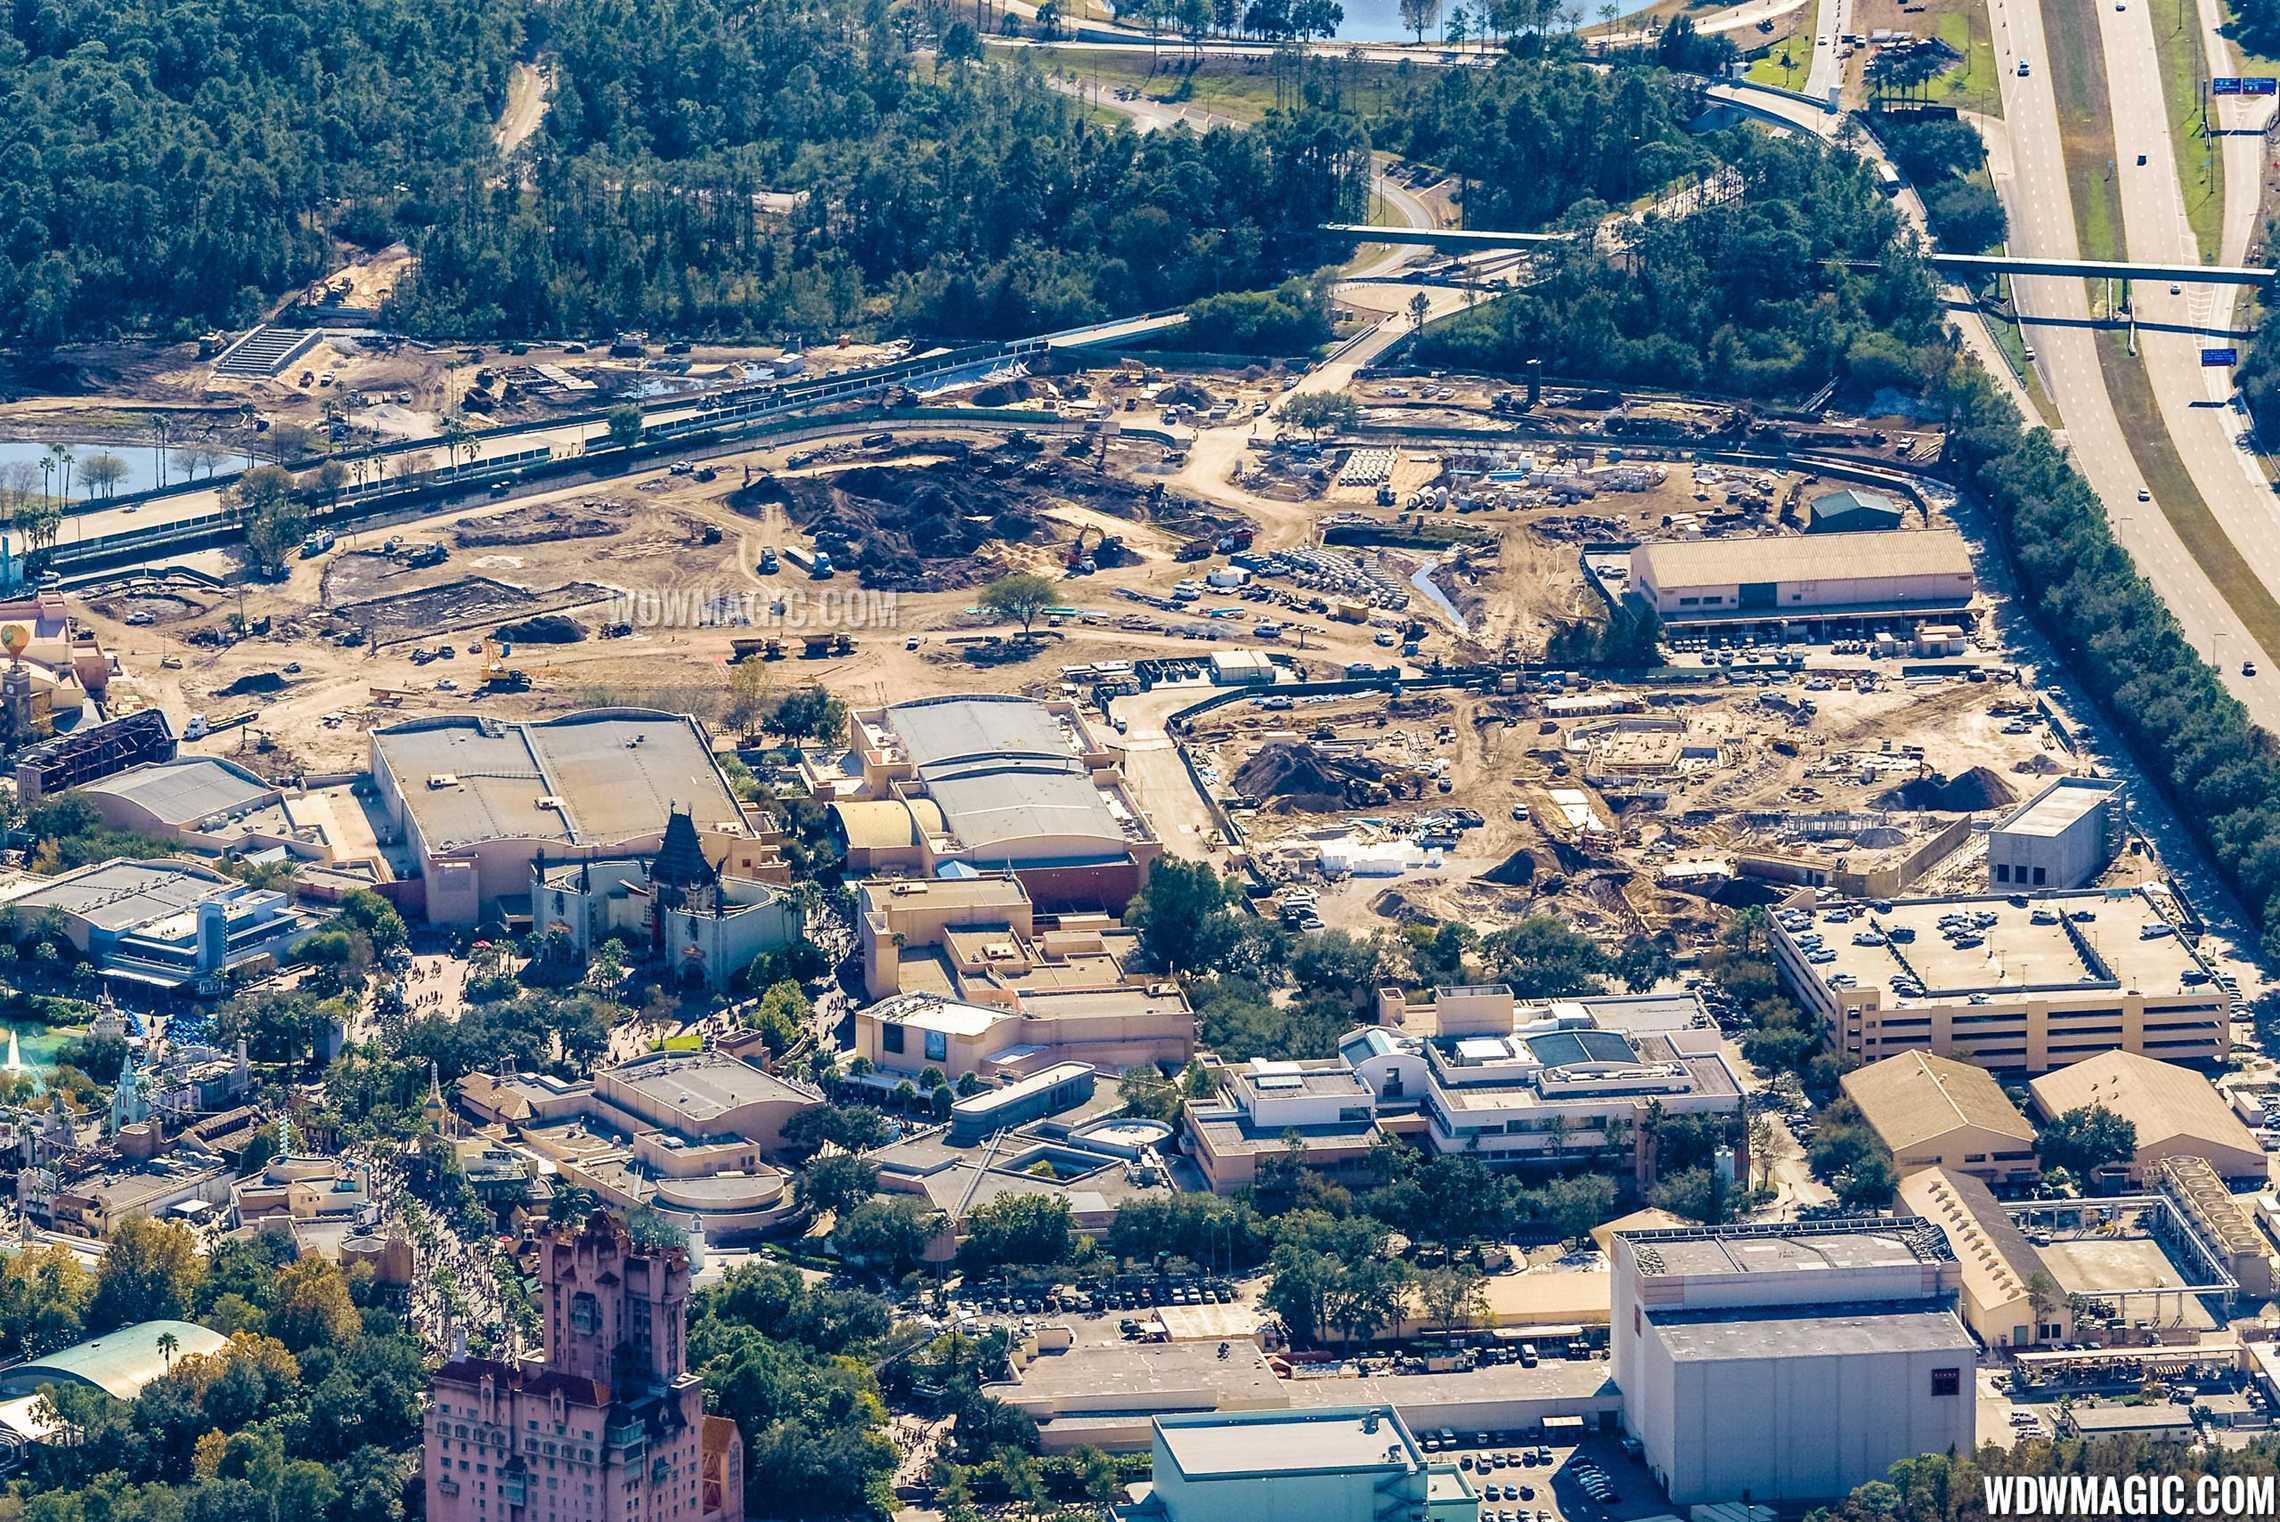 Photo by CJ Berzin @BerzinPhotography. Star Wars Land aerial view.